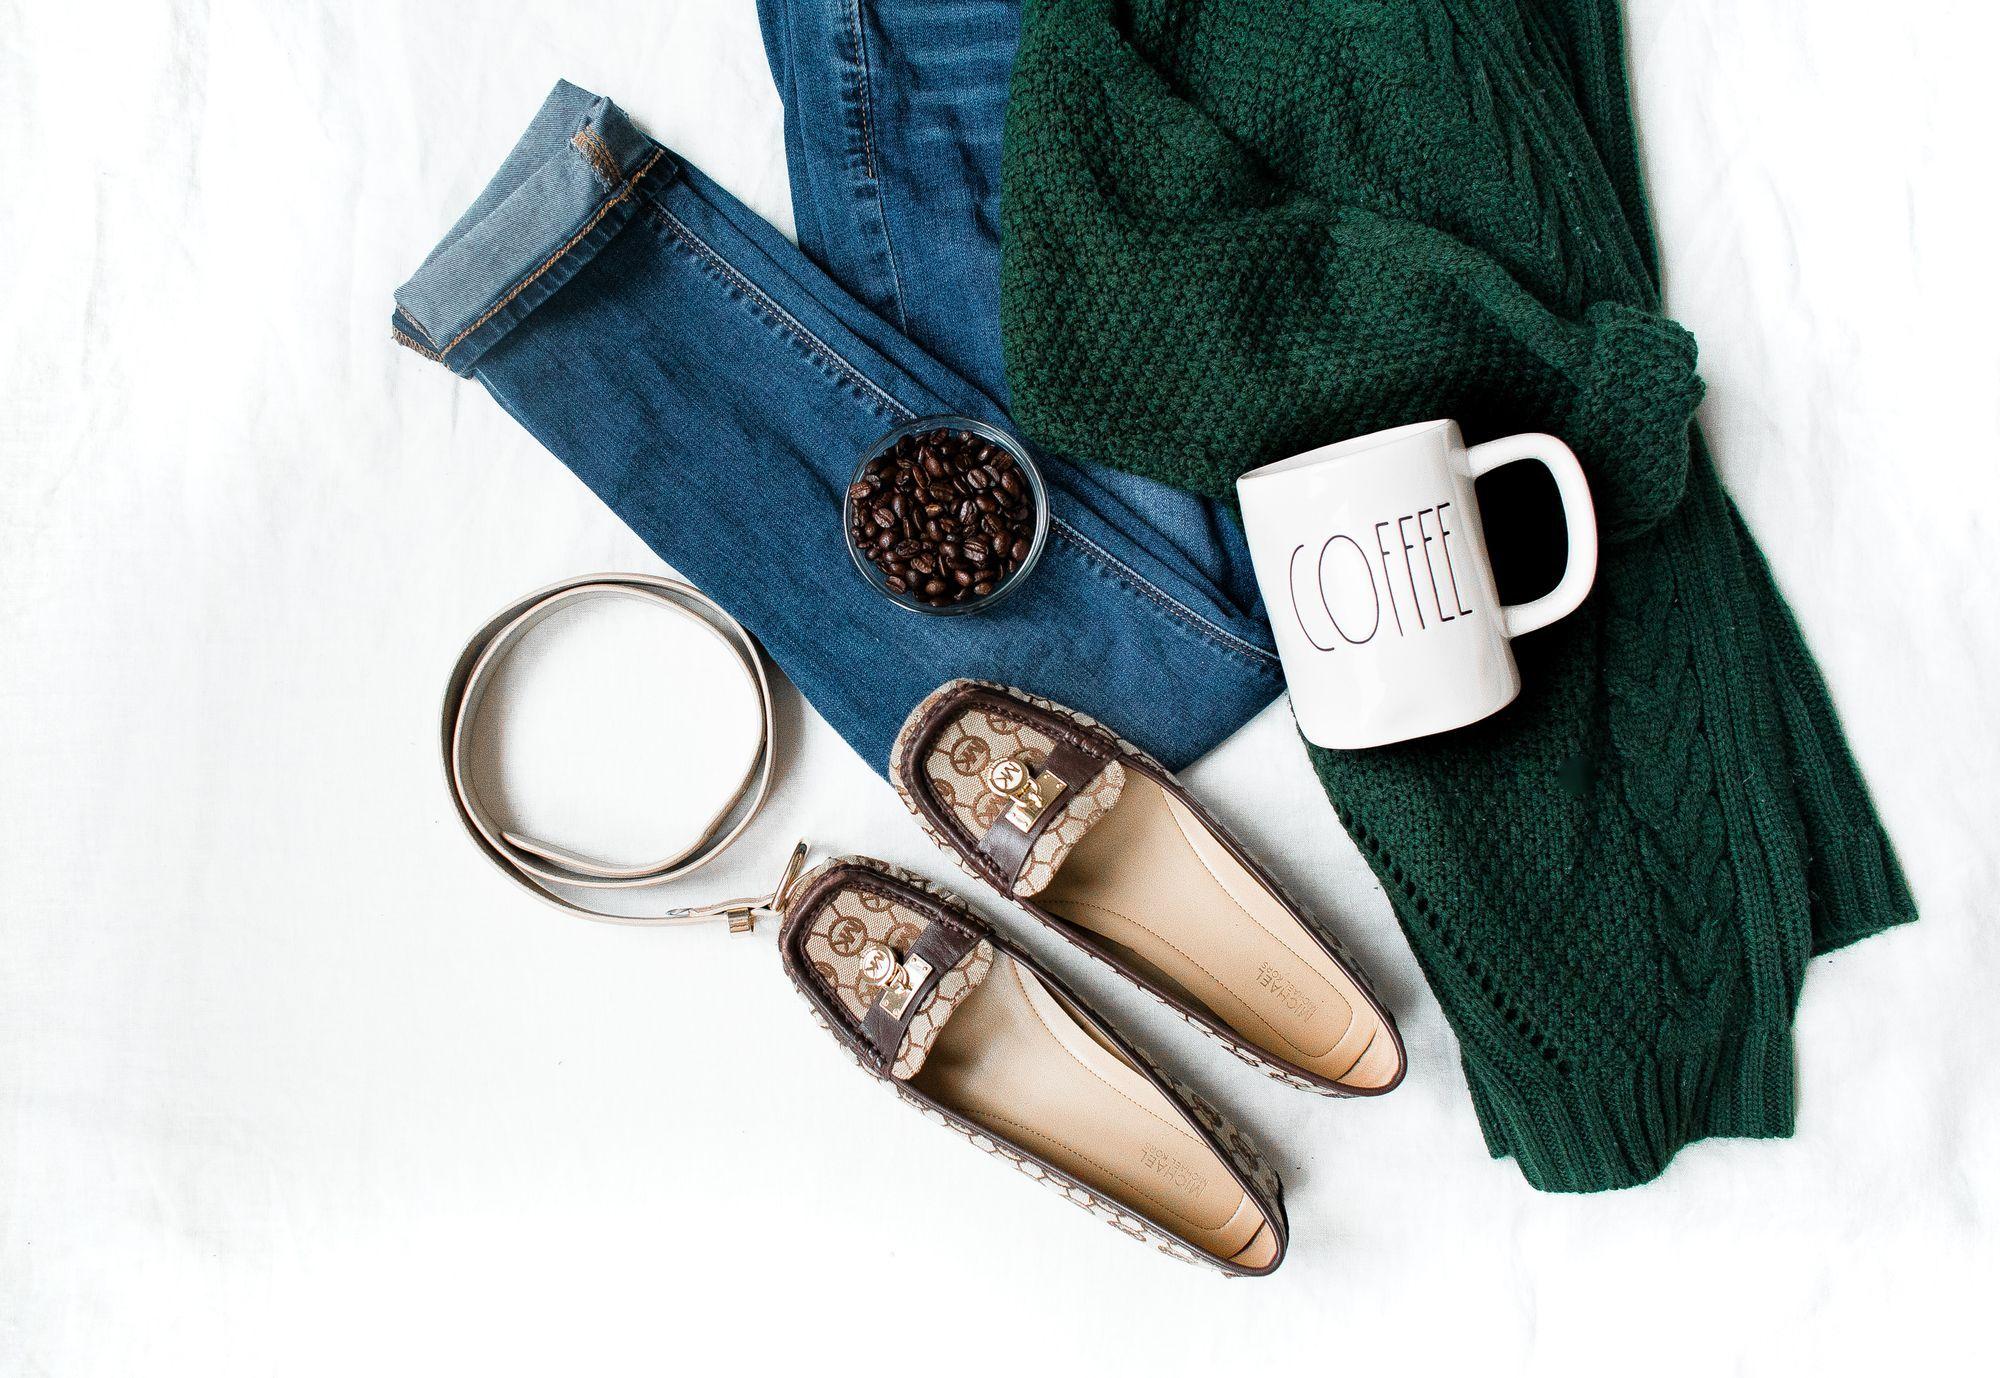 Jak prowadzić fotoblog z modą alternatywną?